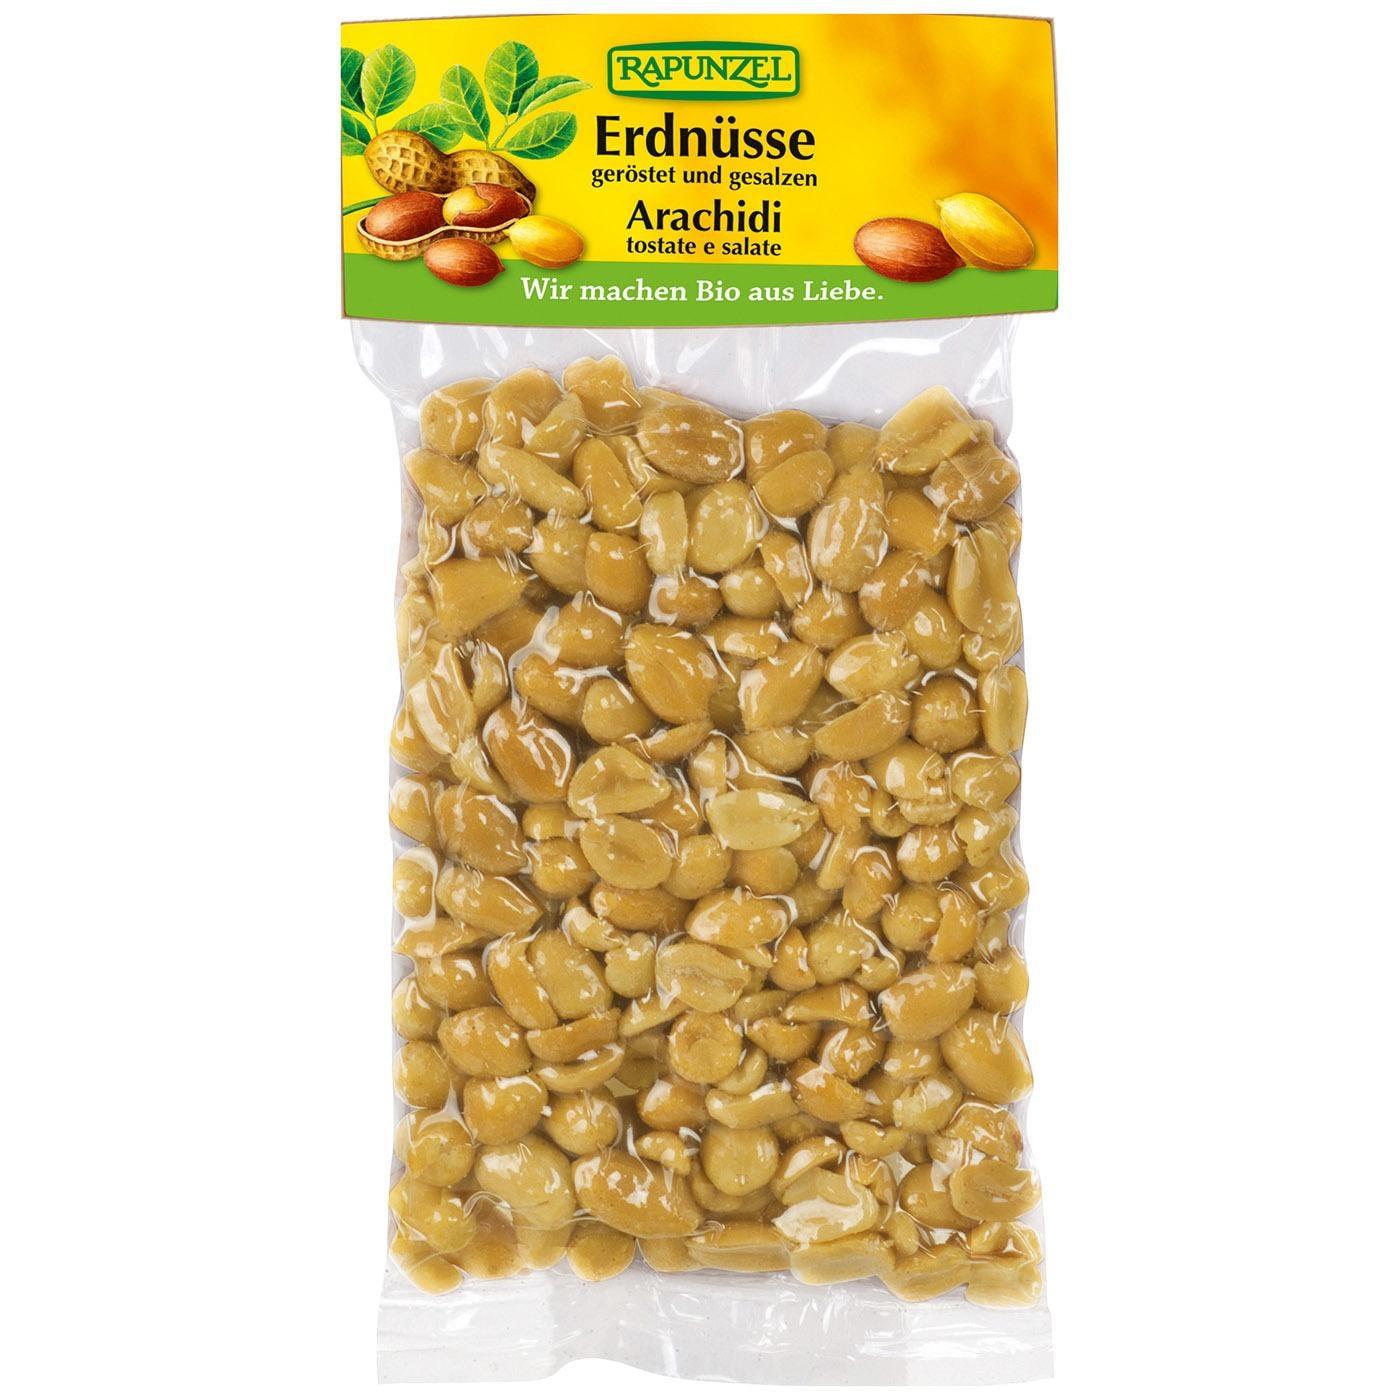 Rapunzel Bio Erdnüsse geröstet & gesalzen 125g